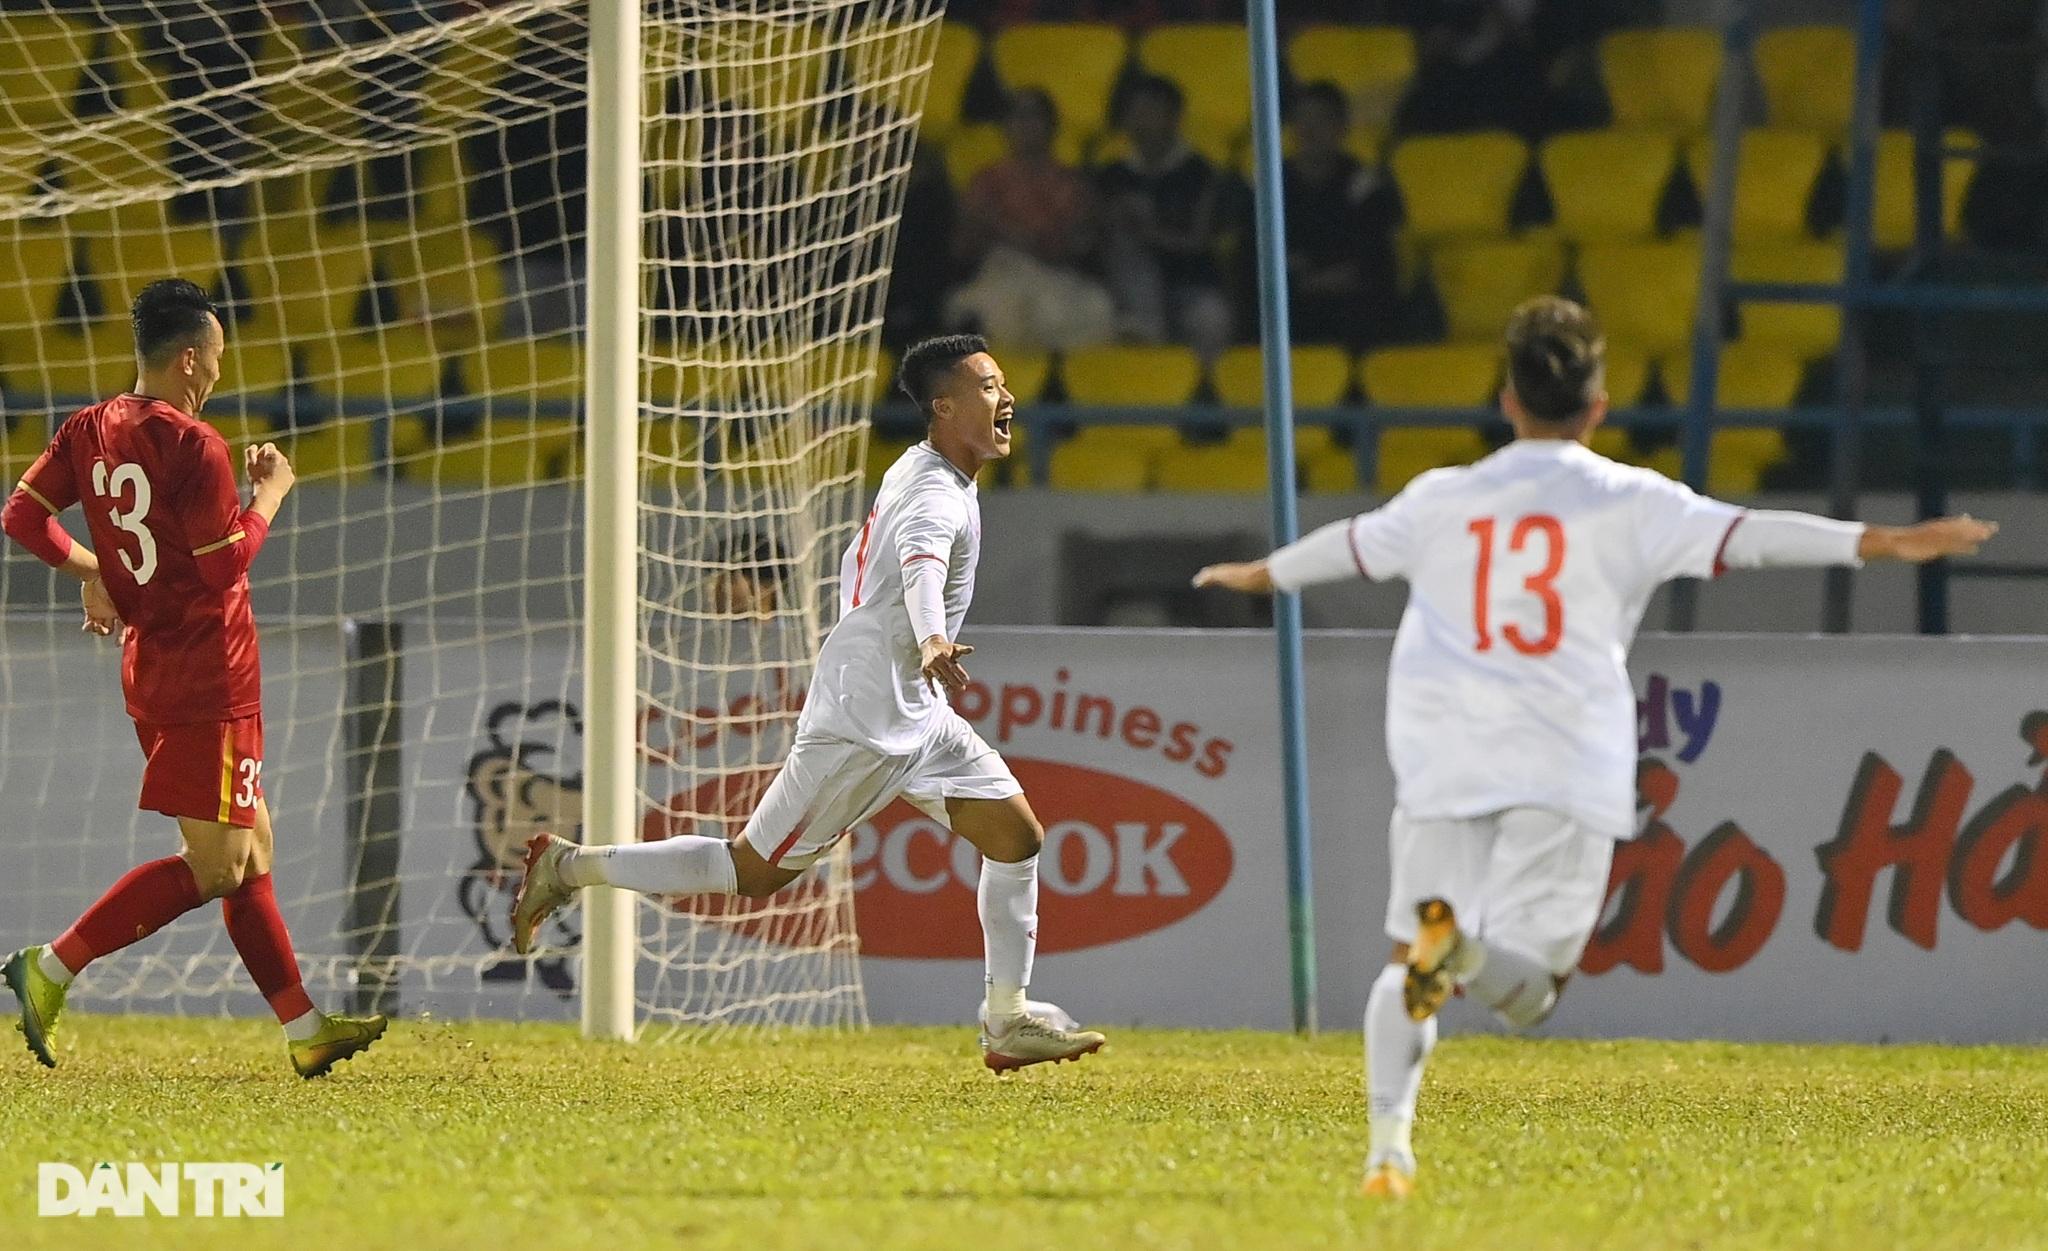 Văn Quyết ghi điểm trong chiến thắng của tuyển Việt Nam trước đàn em U22 - 6